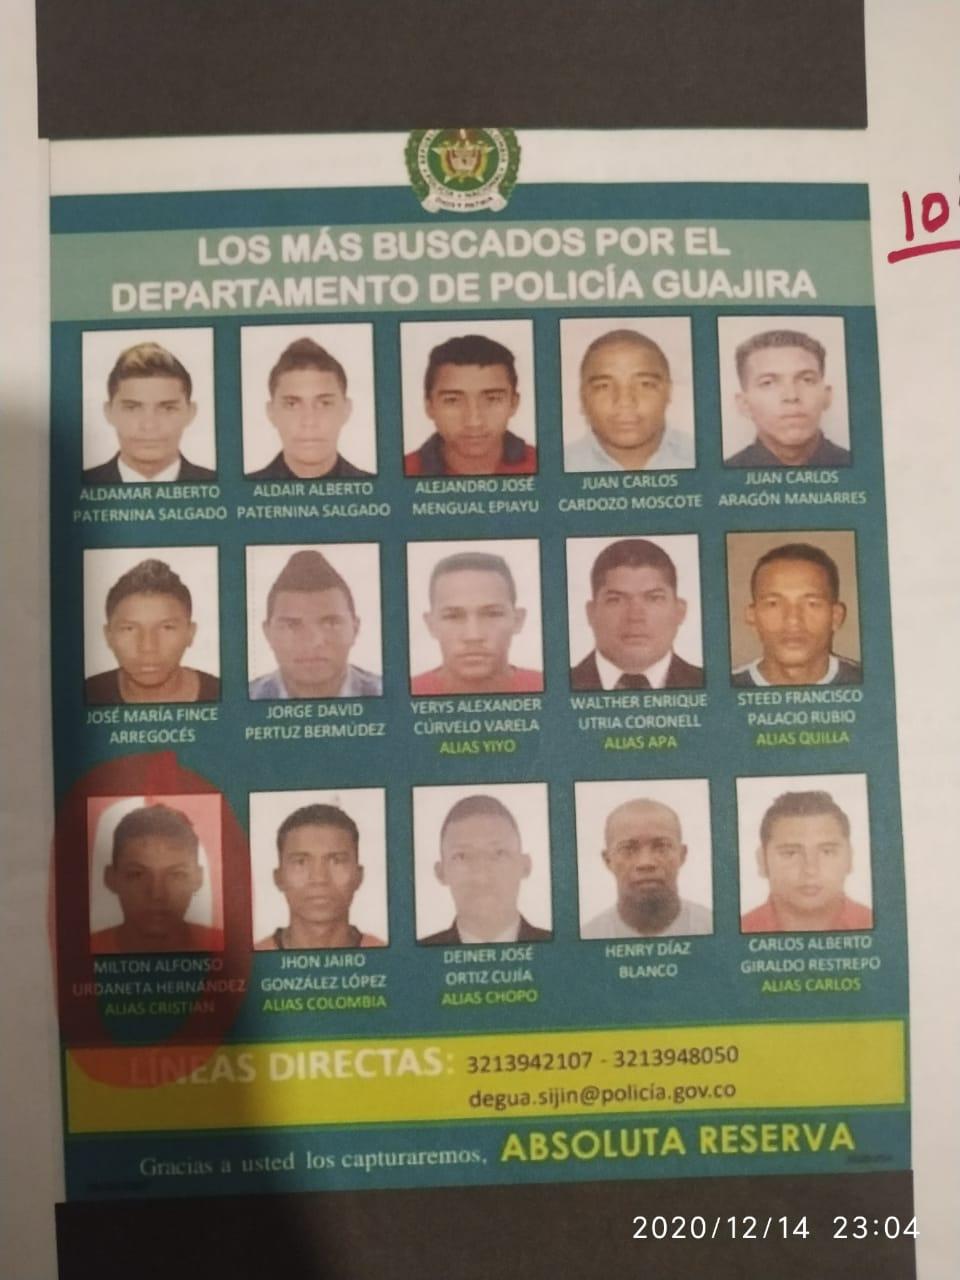 hoyennoticia.com, Estos son los más buscados en La Guajira